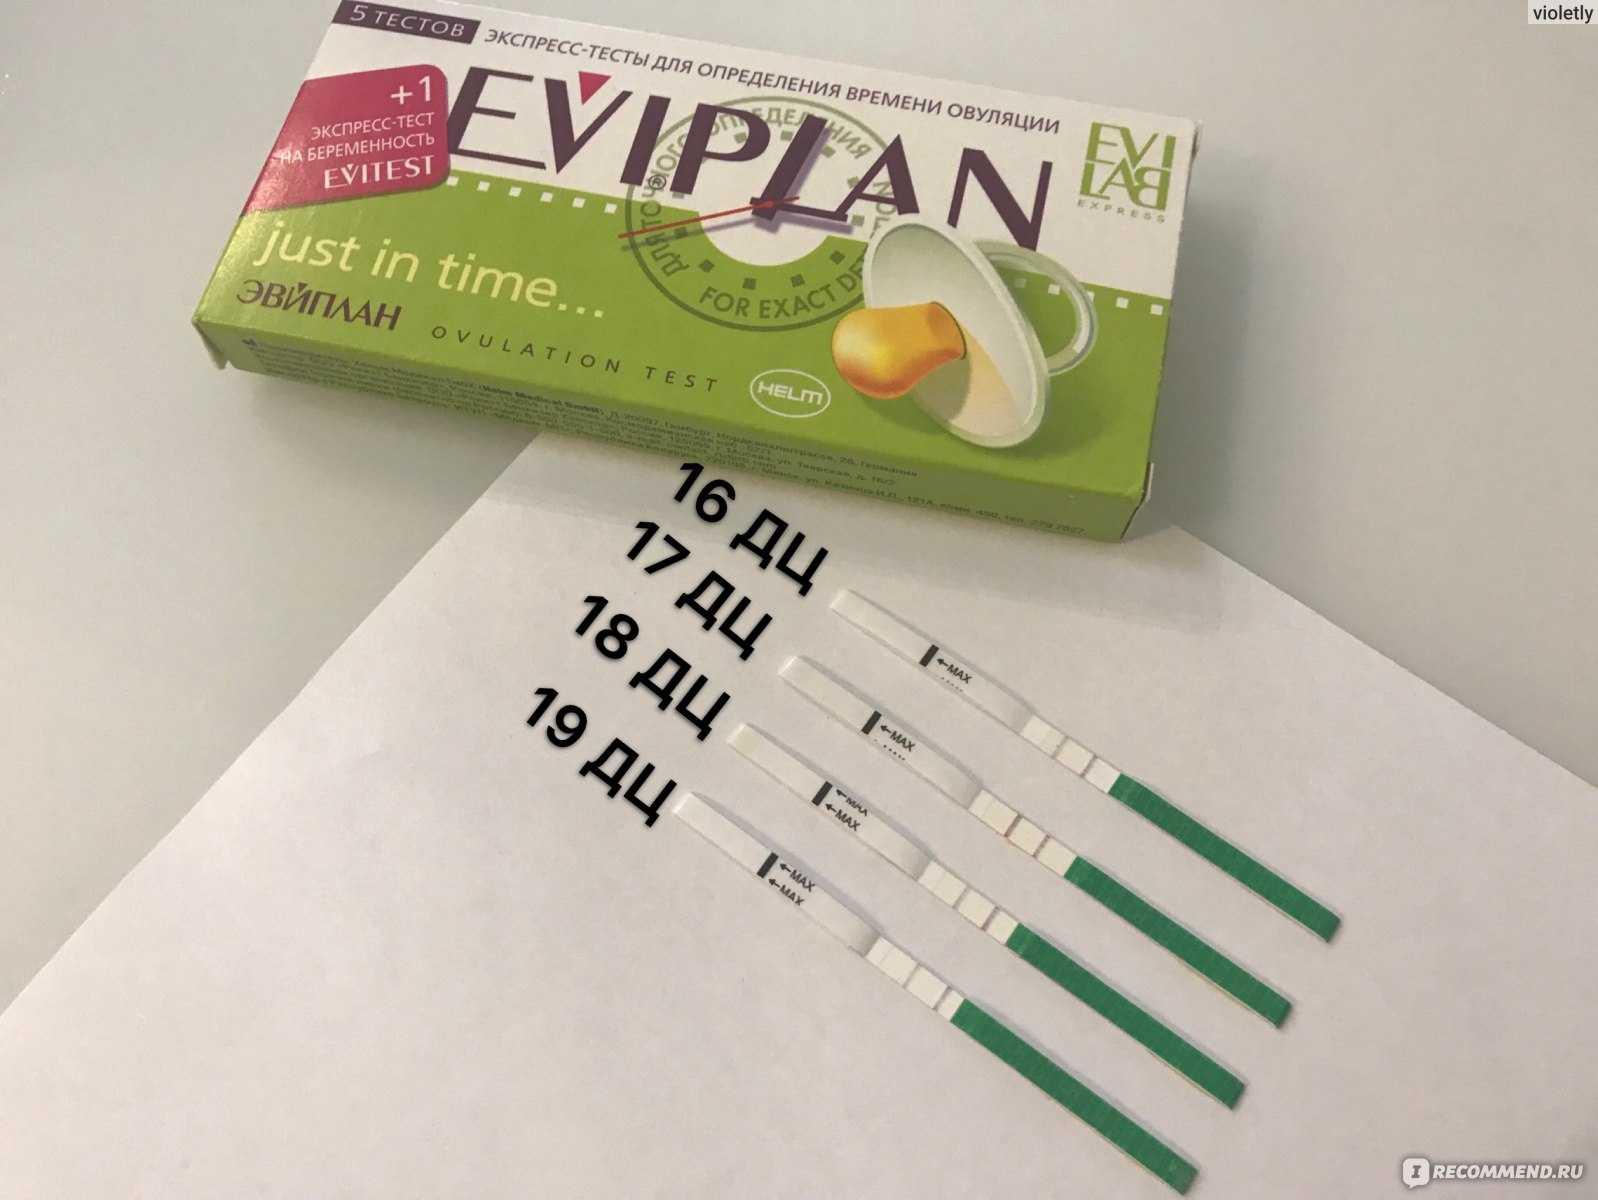 Положительный тест на овуляцию (8 фото): как выглядит и сколько дней показывает результат? может ли быть положительным при беременности?